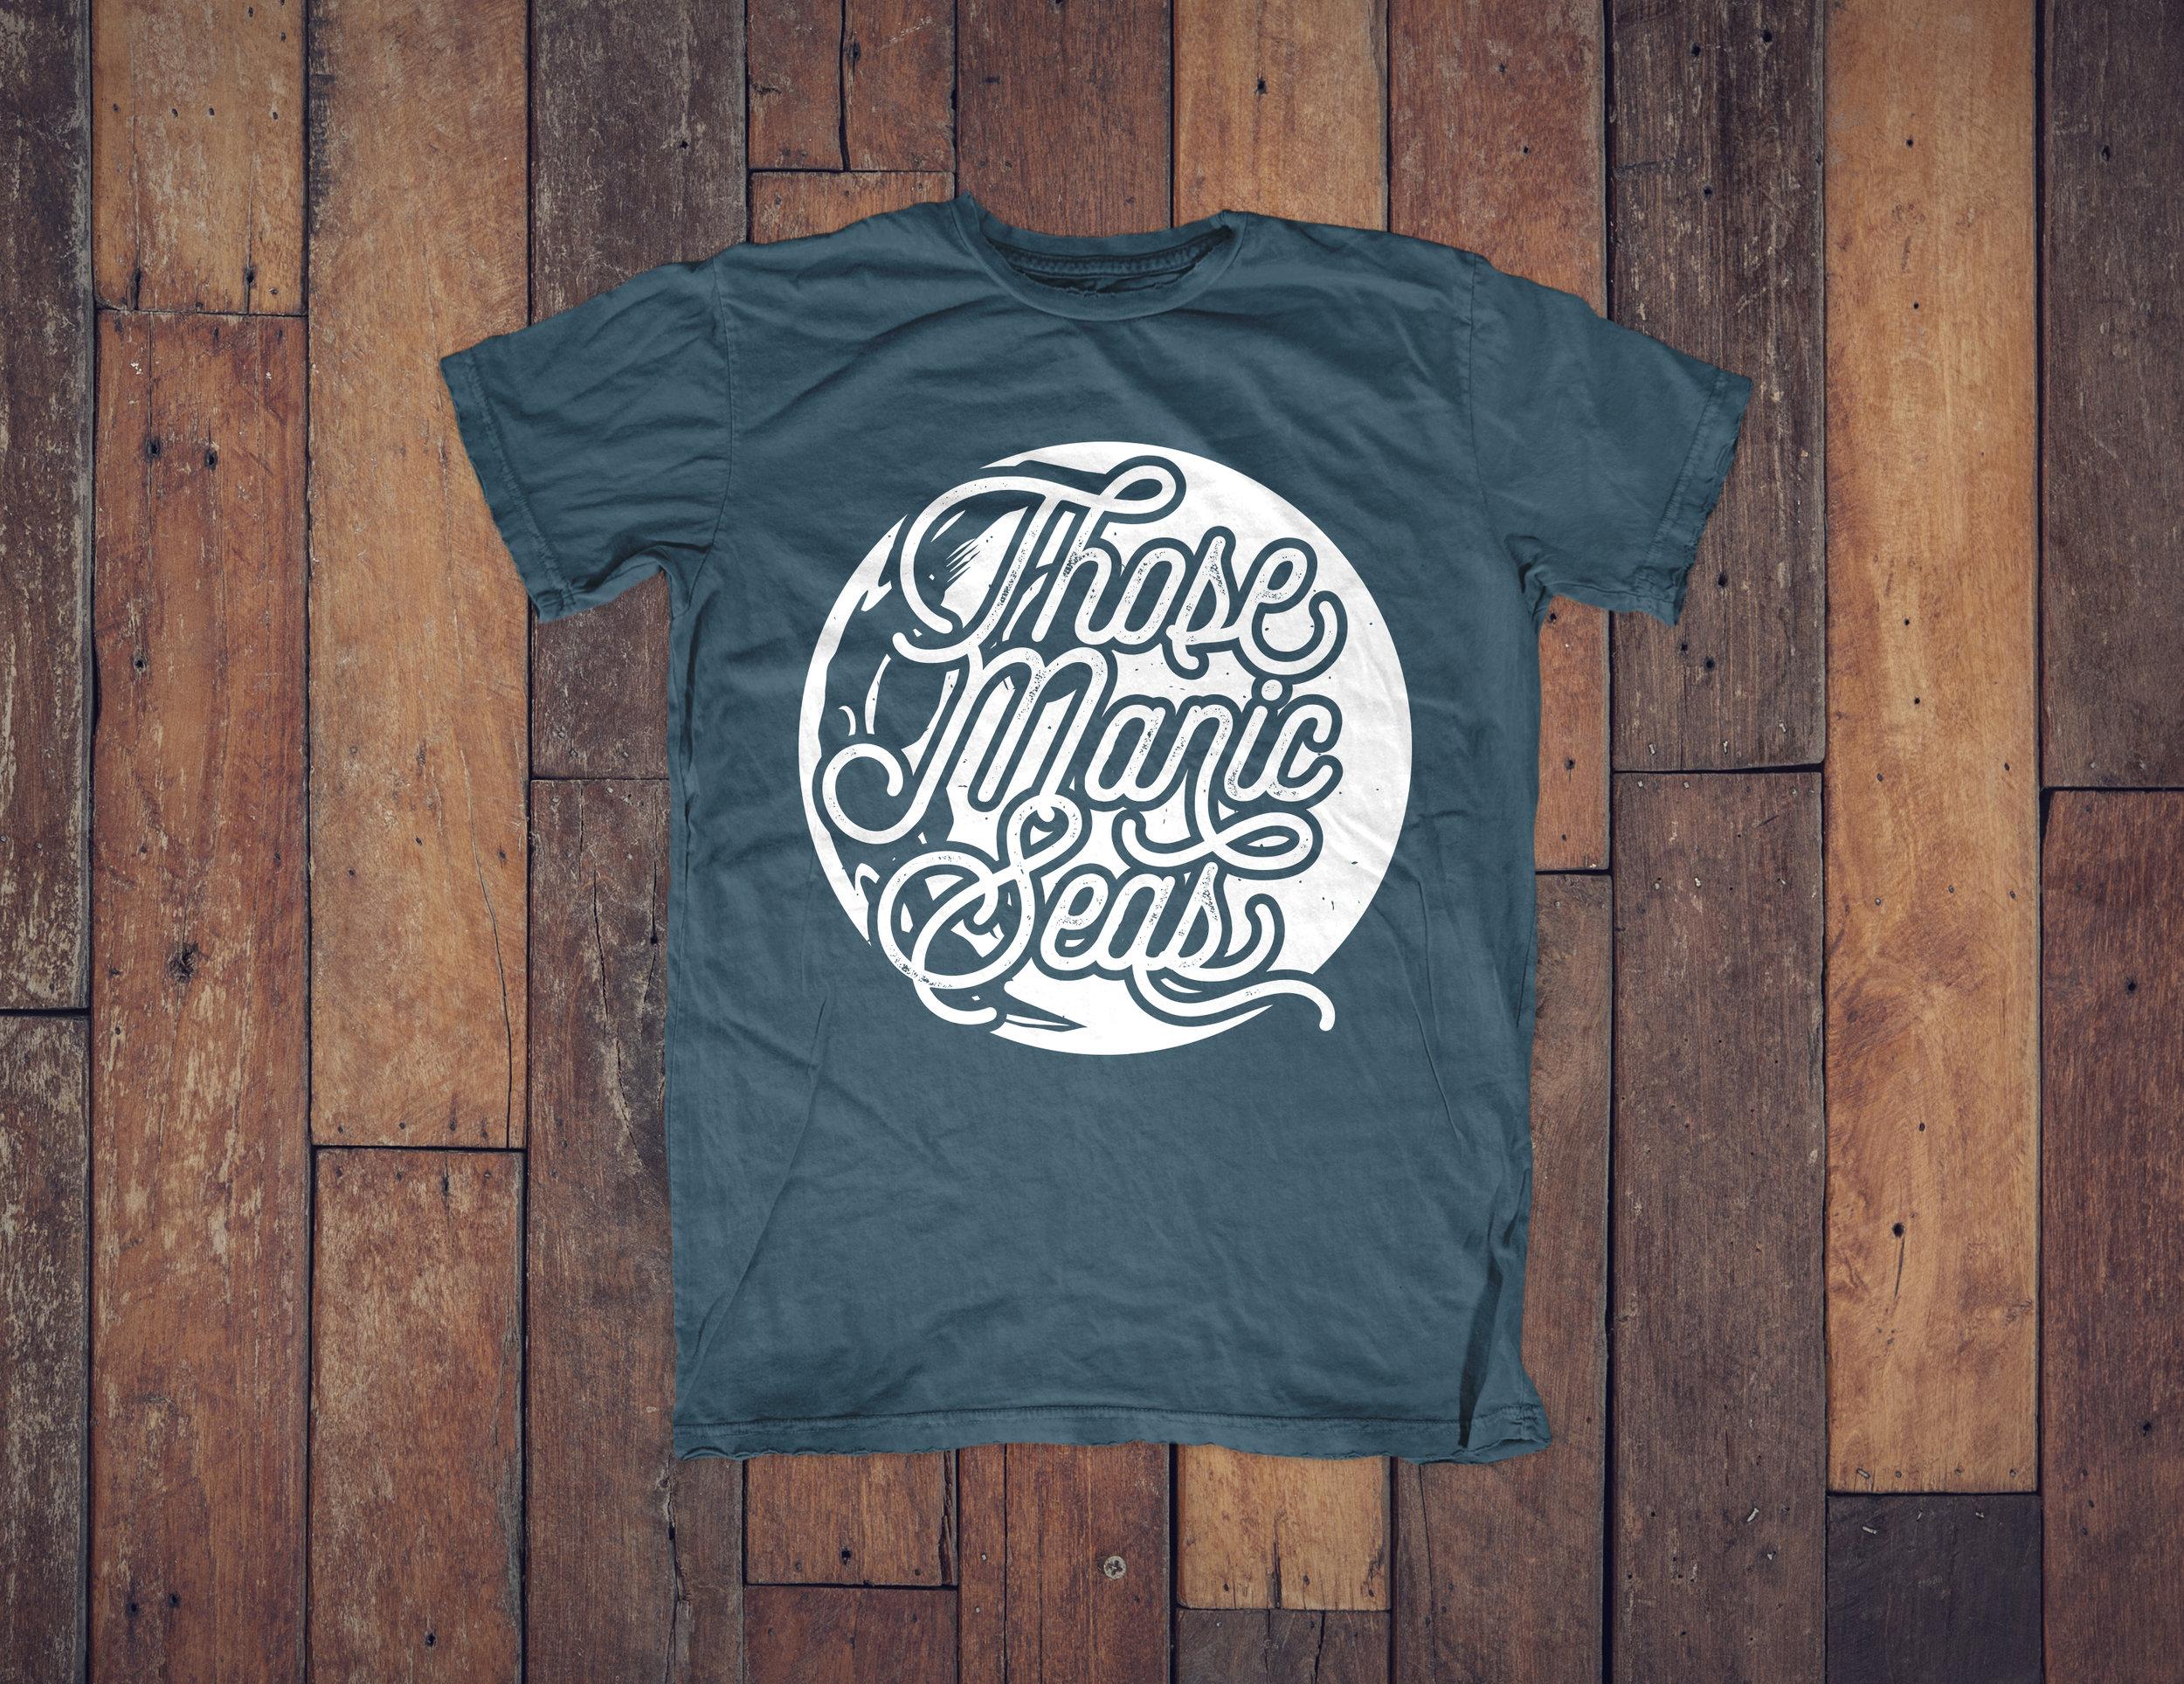 Blue Band Shirt Design, Those Manic Seas, Moon Design   Idaho Graphic Designer www.facelesscreativeco.com